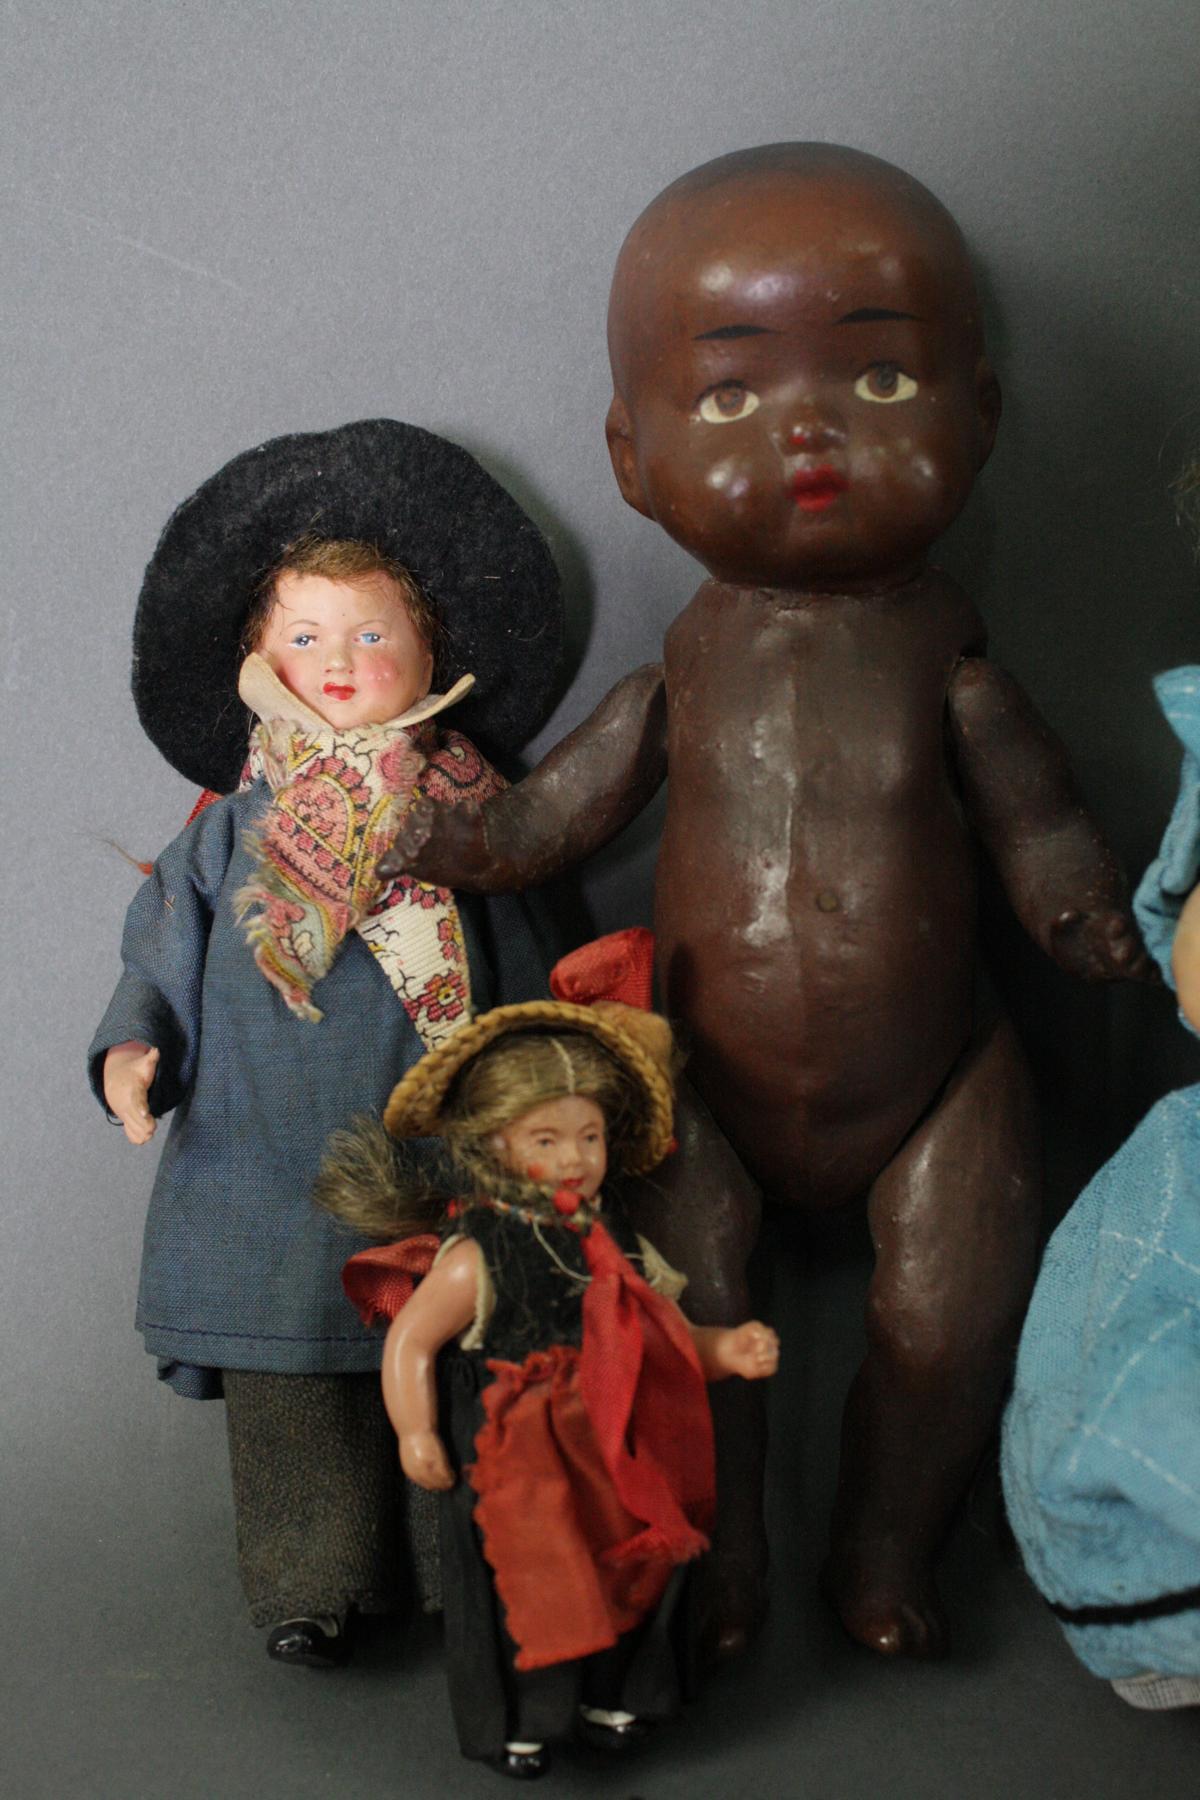 12 sehr alte Puppen, 1. Hälfte 20. Jahrhundert oder älter-2